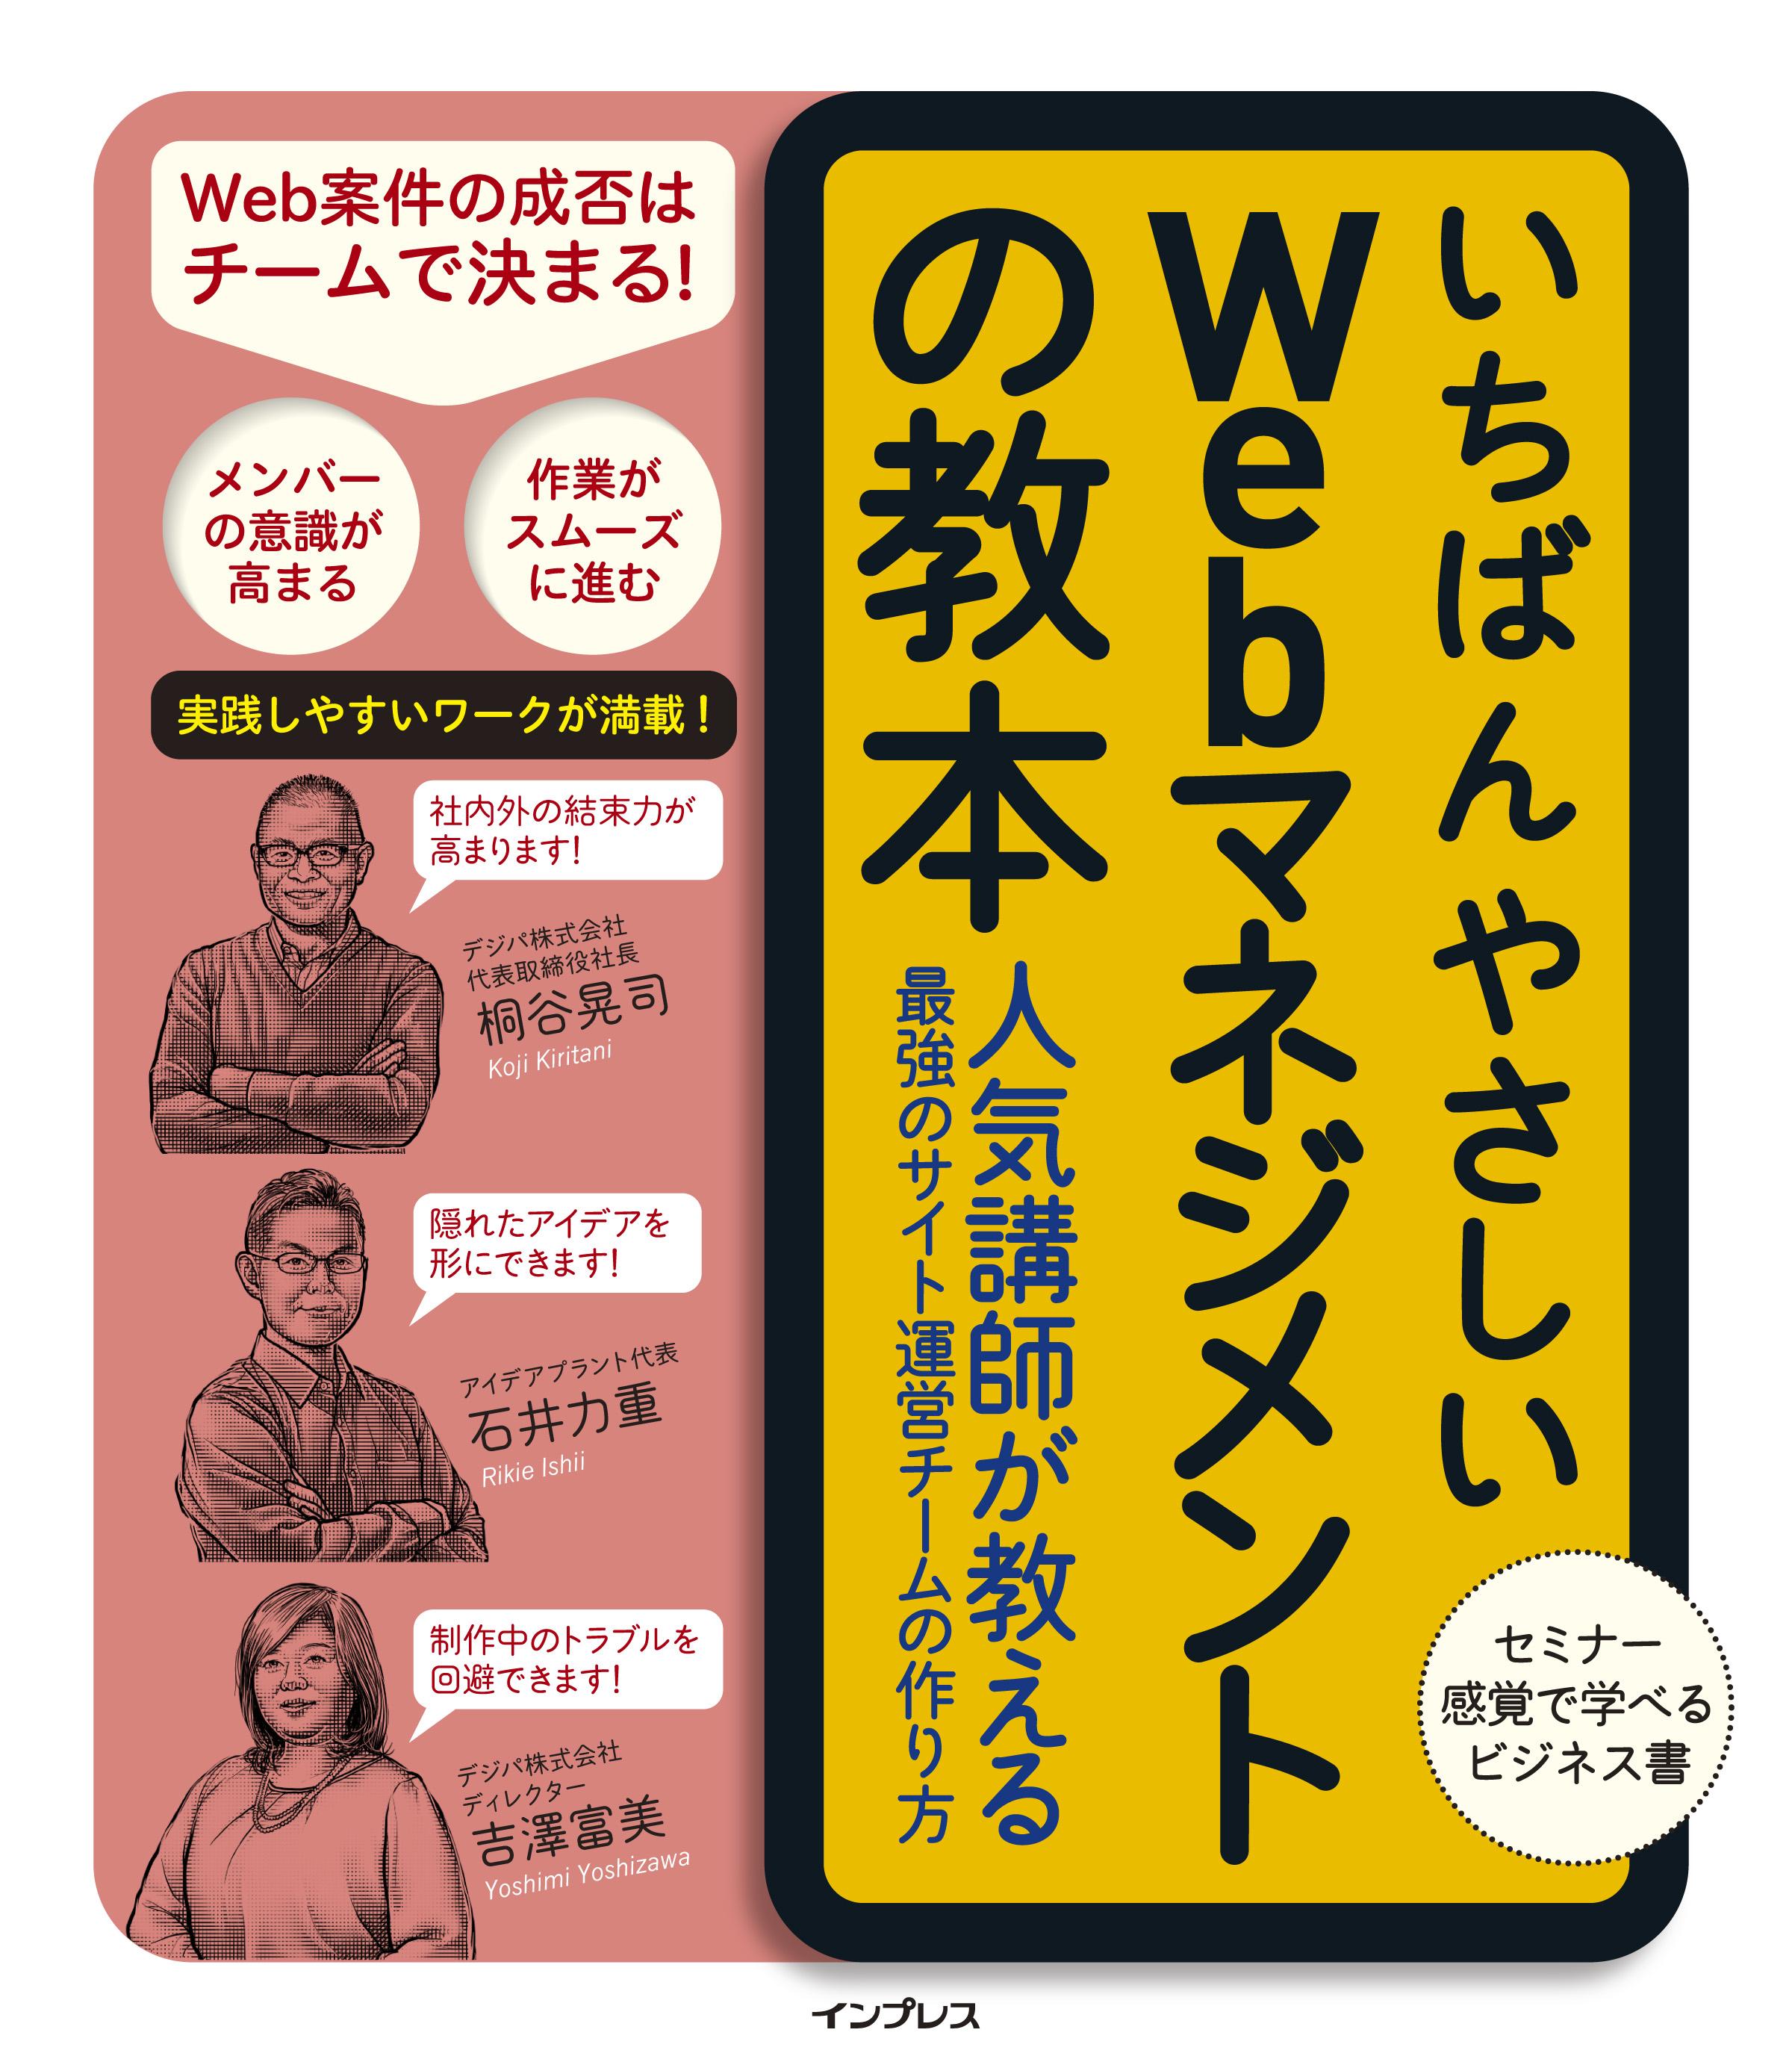 書籍『いちばんやさしいWebマネジメントの教本』発売&出版記念セミナー開催